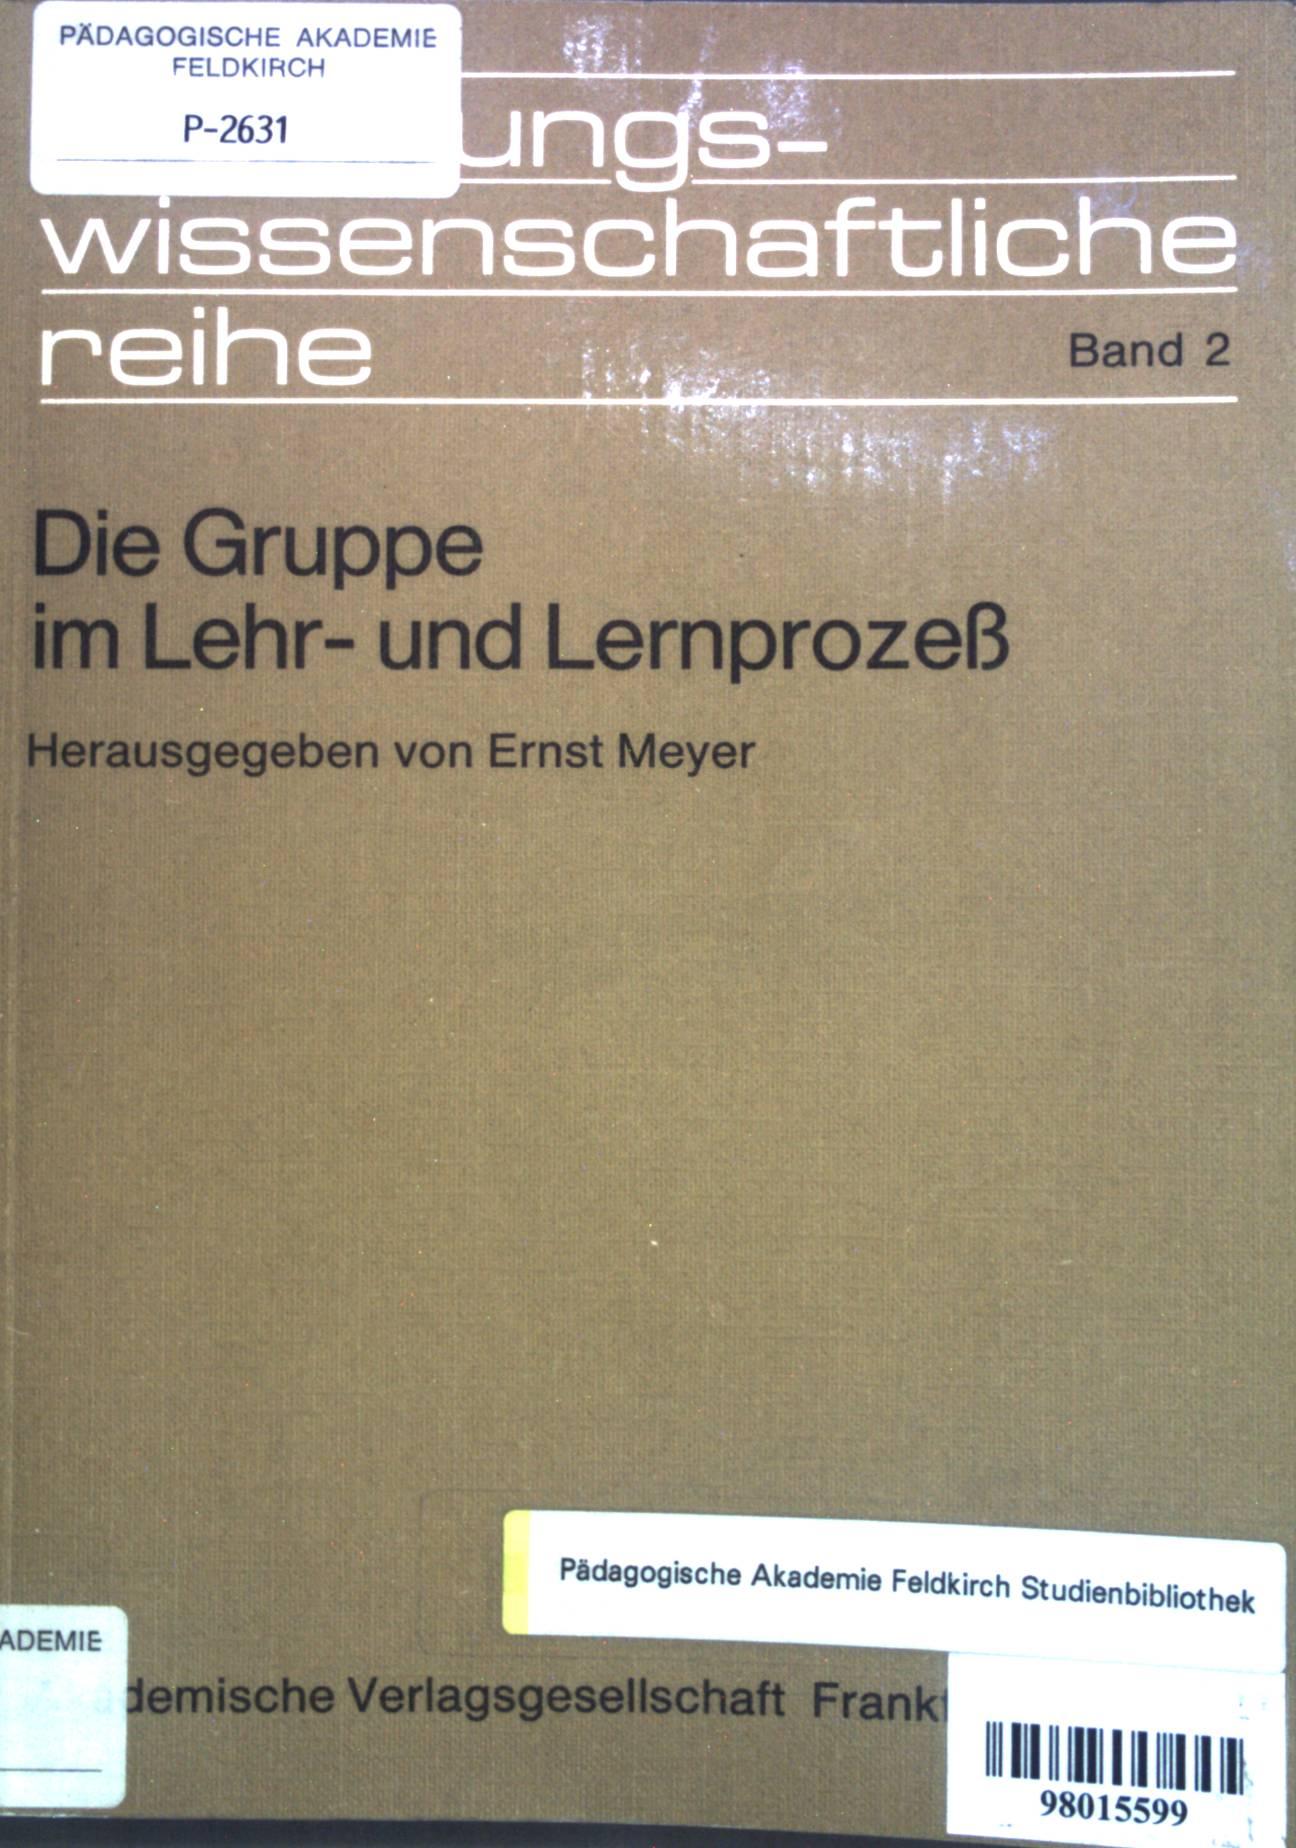 Die Gruppe im Lehr- und Lernprozess. Erziehungswissenschaftliche: Meyer, Ernst: